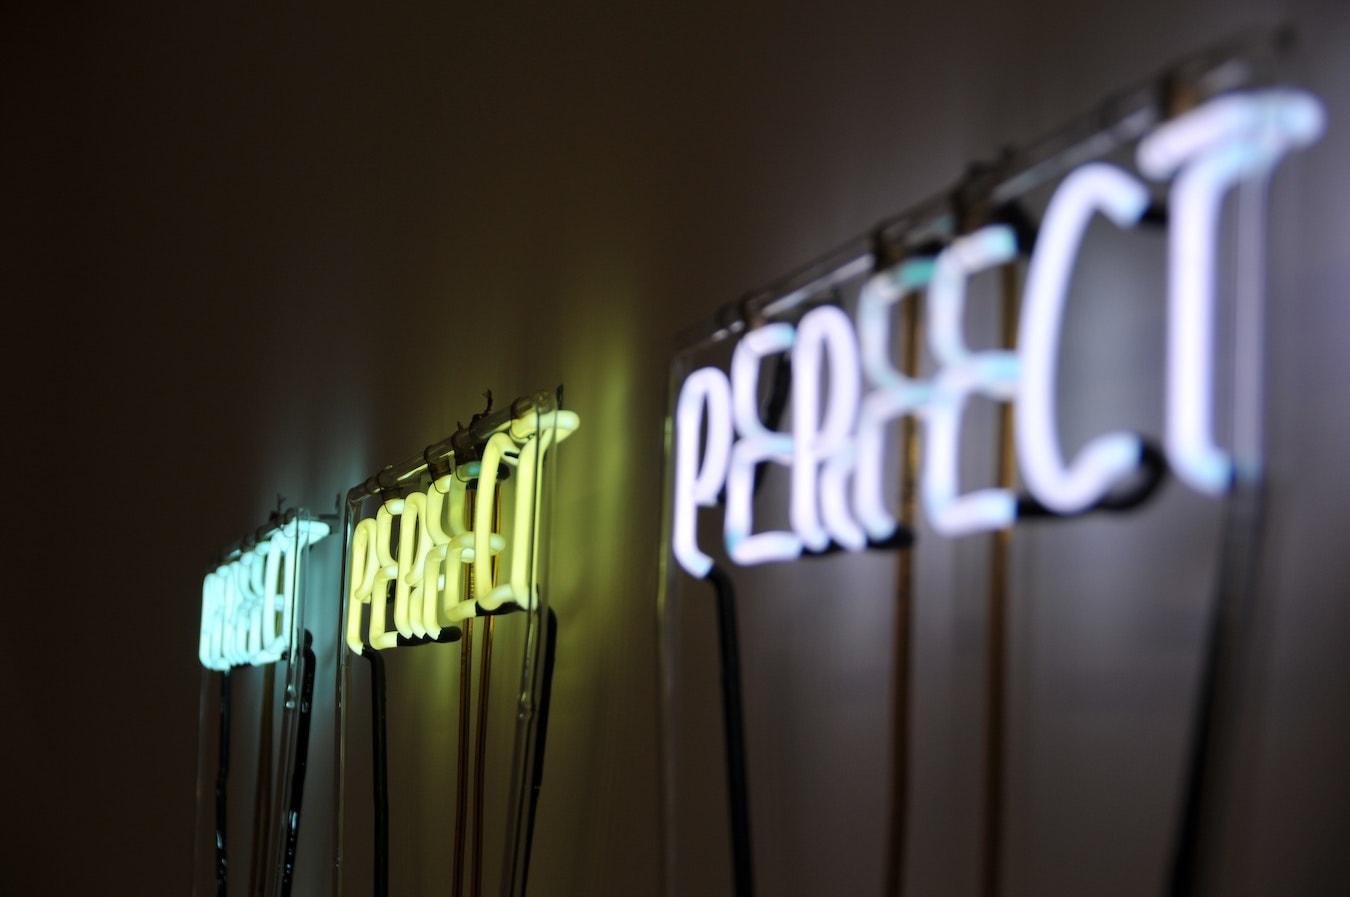 Perfect, perfekt, perfekt leuchtende Aufschrift an der Wand Perfektionismus